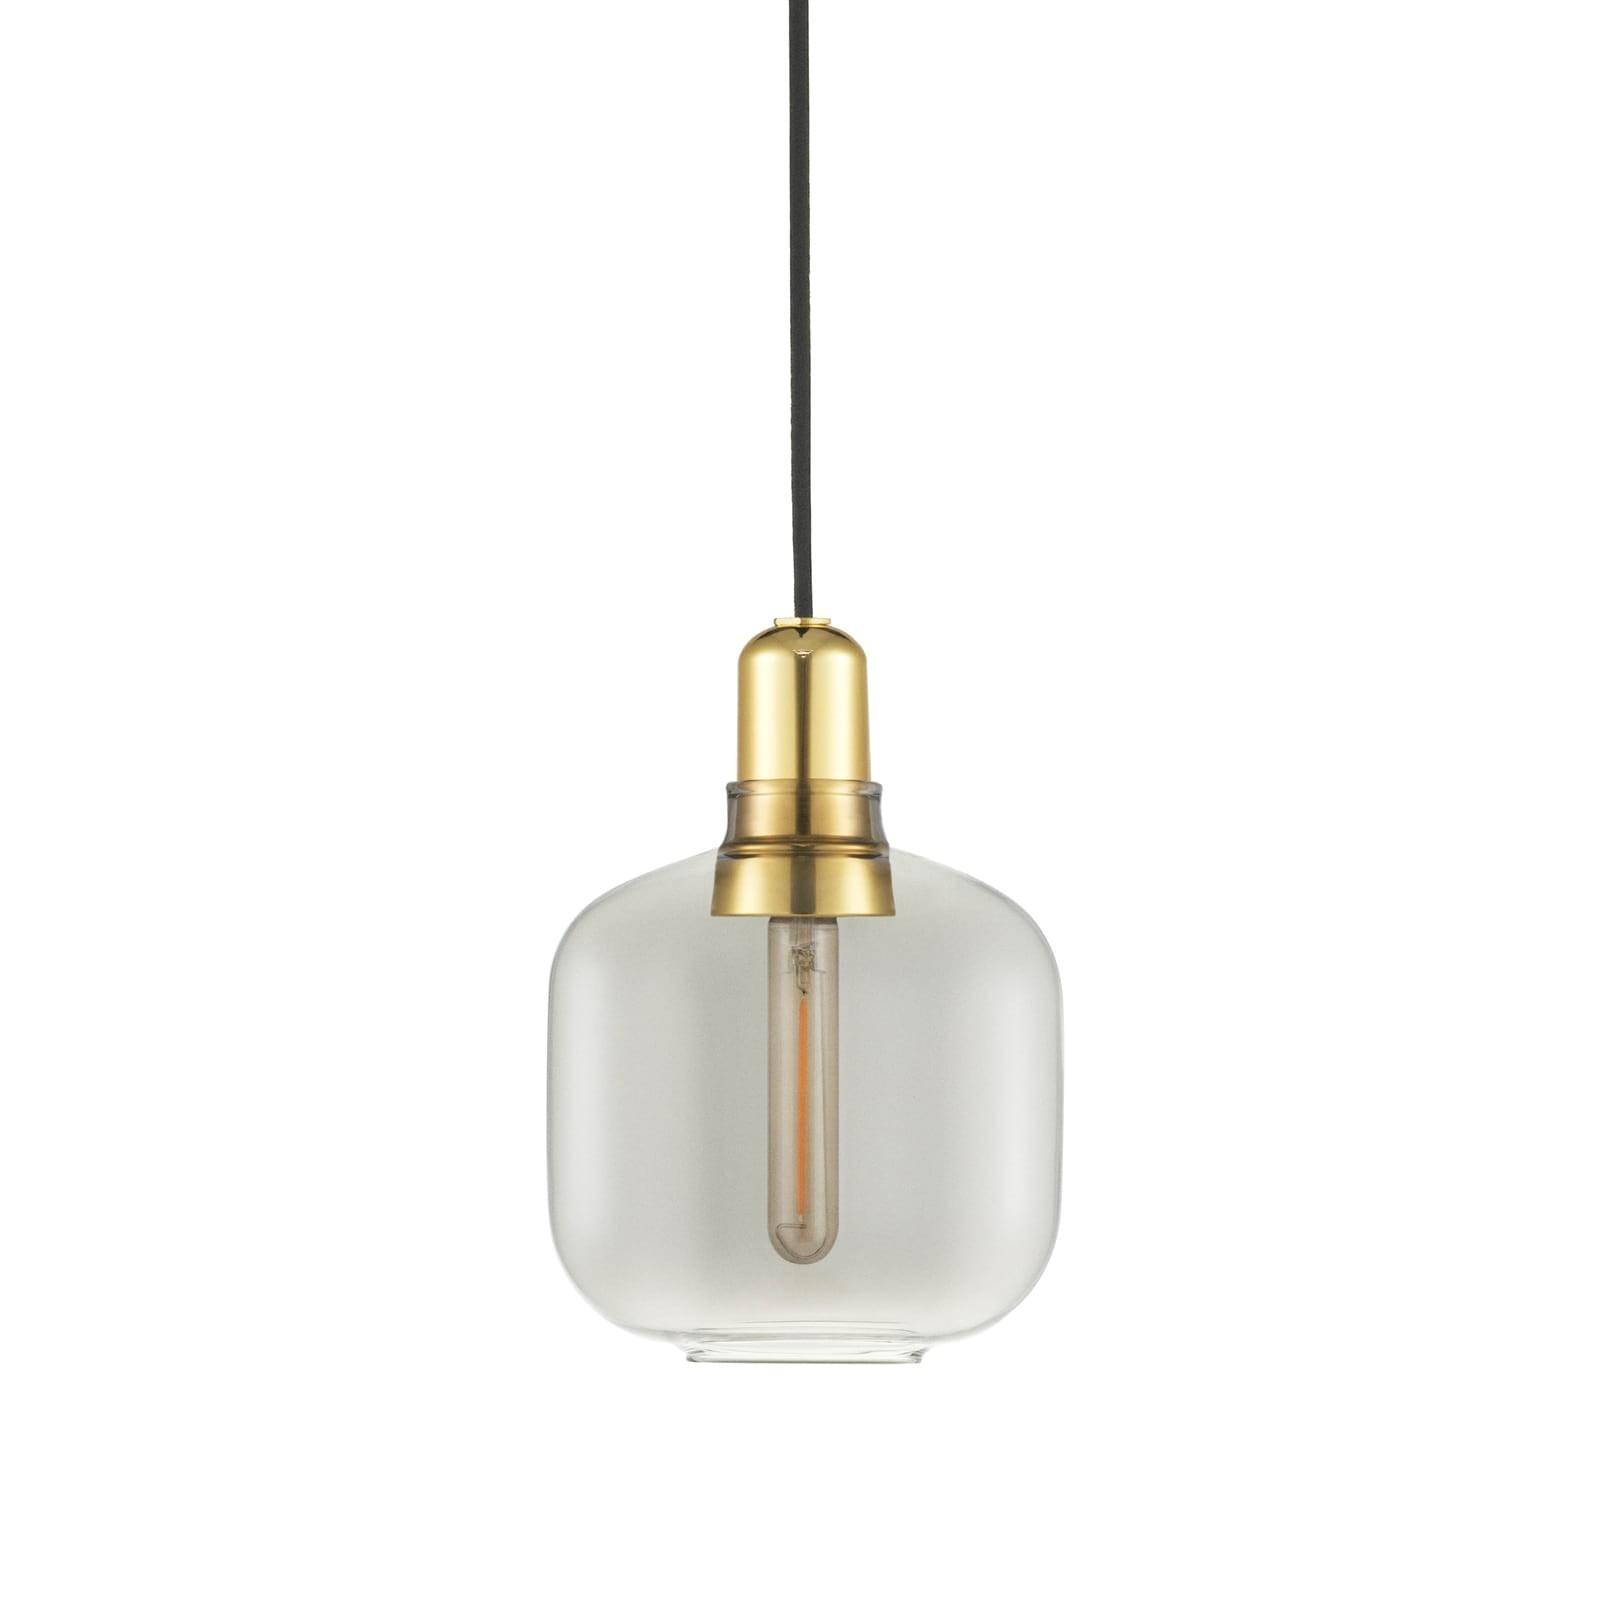 Φωτιστικό Οροφής Amp Small (Γκρι / Χρυσό) - Normann Copenhagen